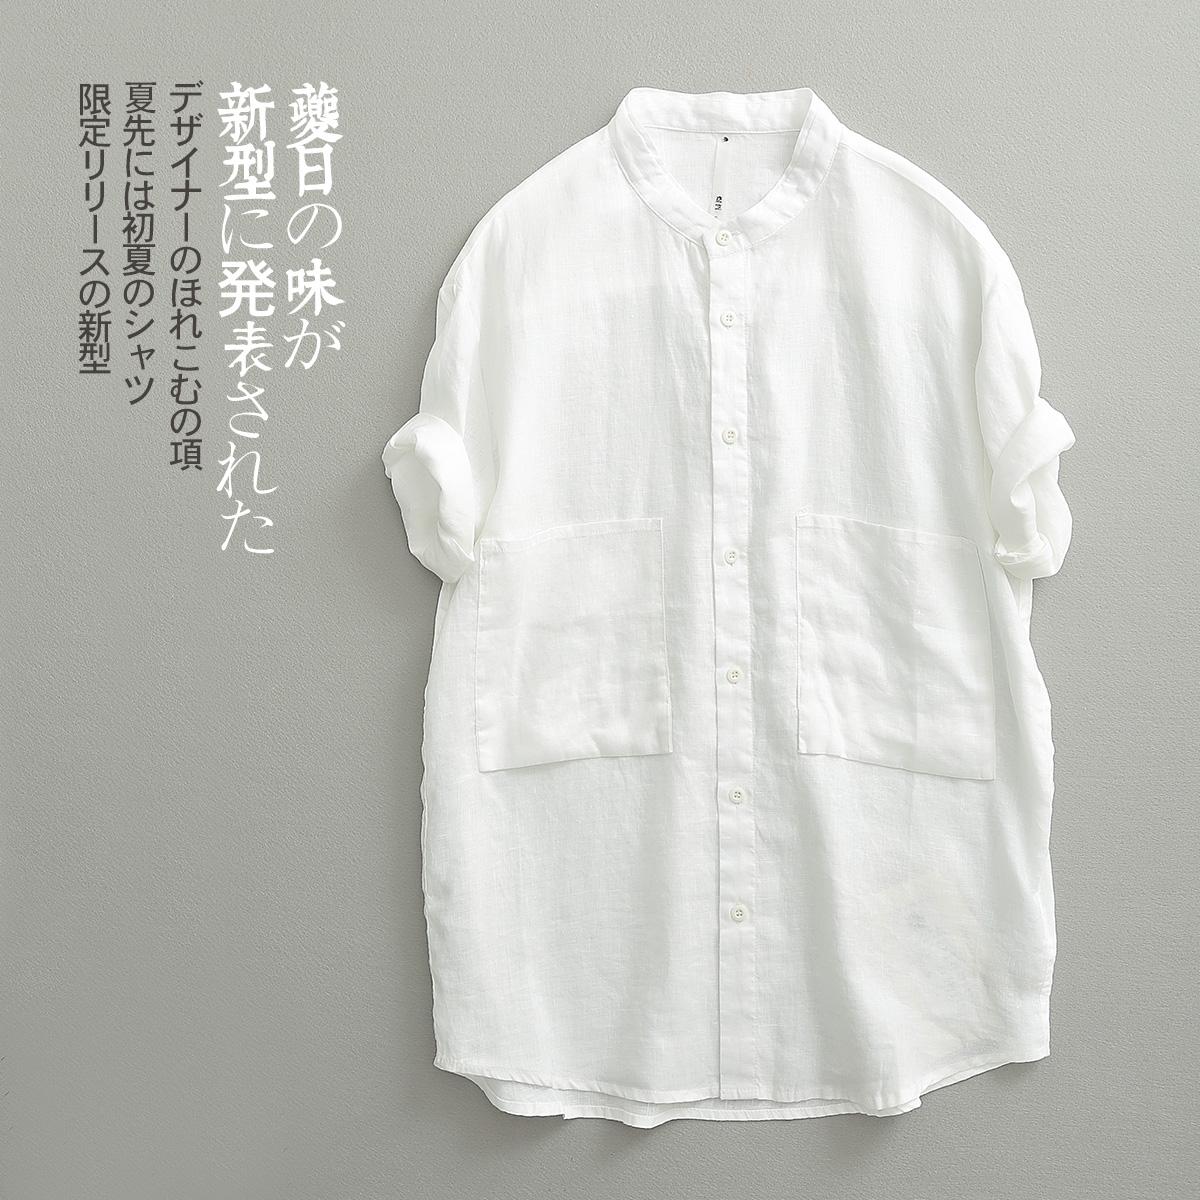 Рубашки детские Артикул 616342613482